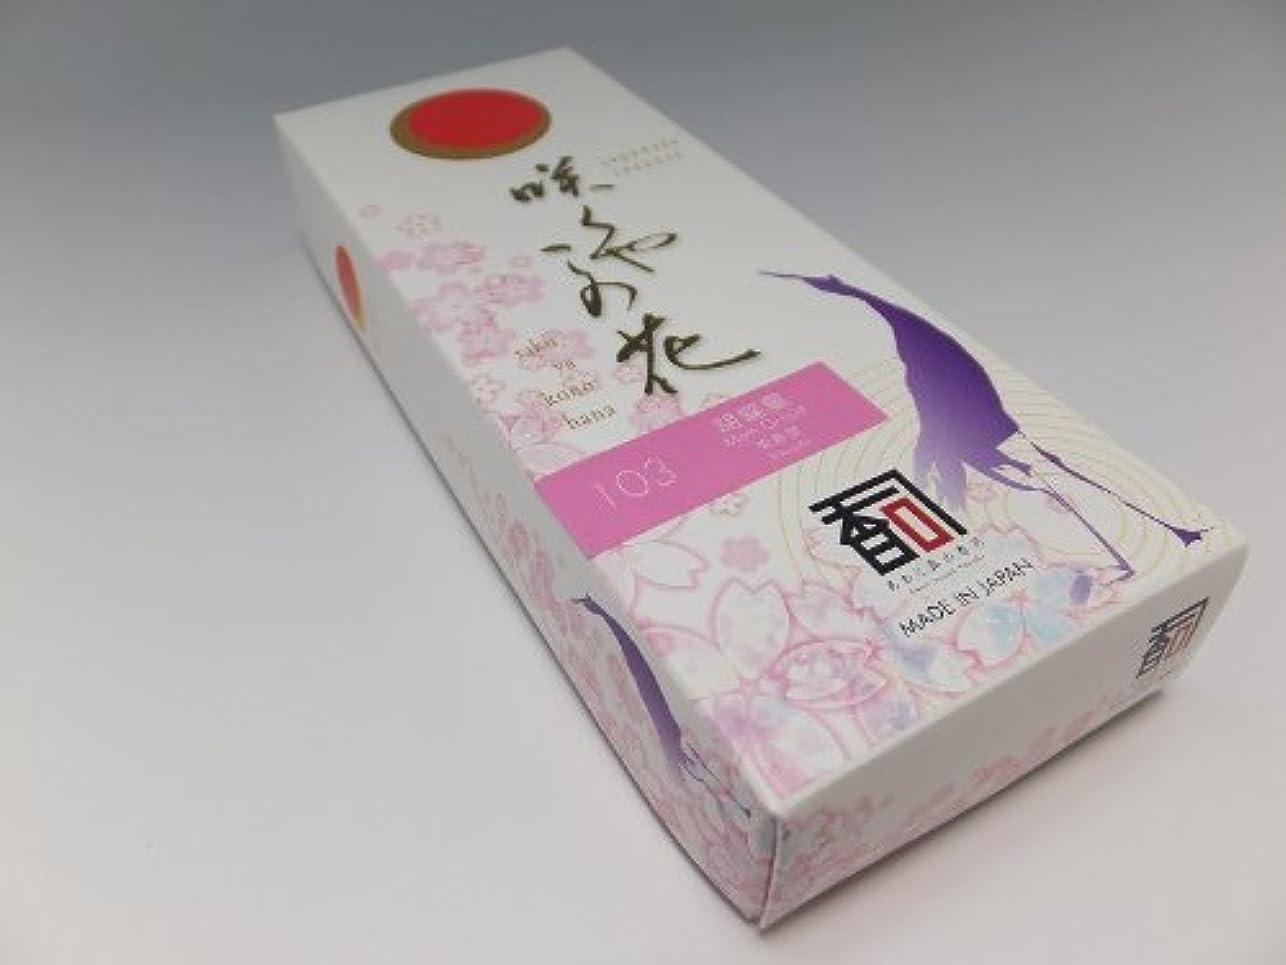 いたずらなマーク入口「あわじ島の香司」 日本の香りシリーズ  [咲くや この花] 【103】 胡蝶蘭 (有煙)